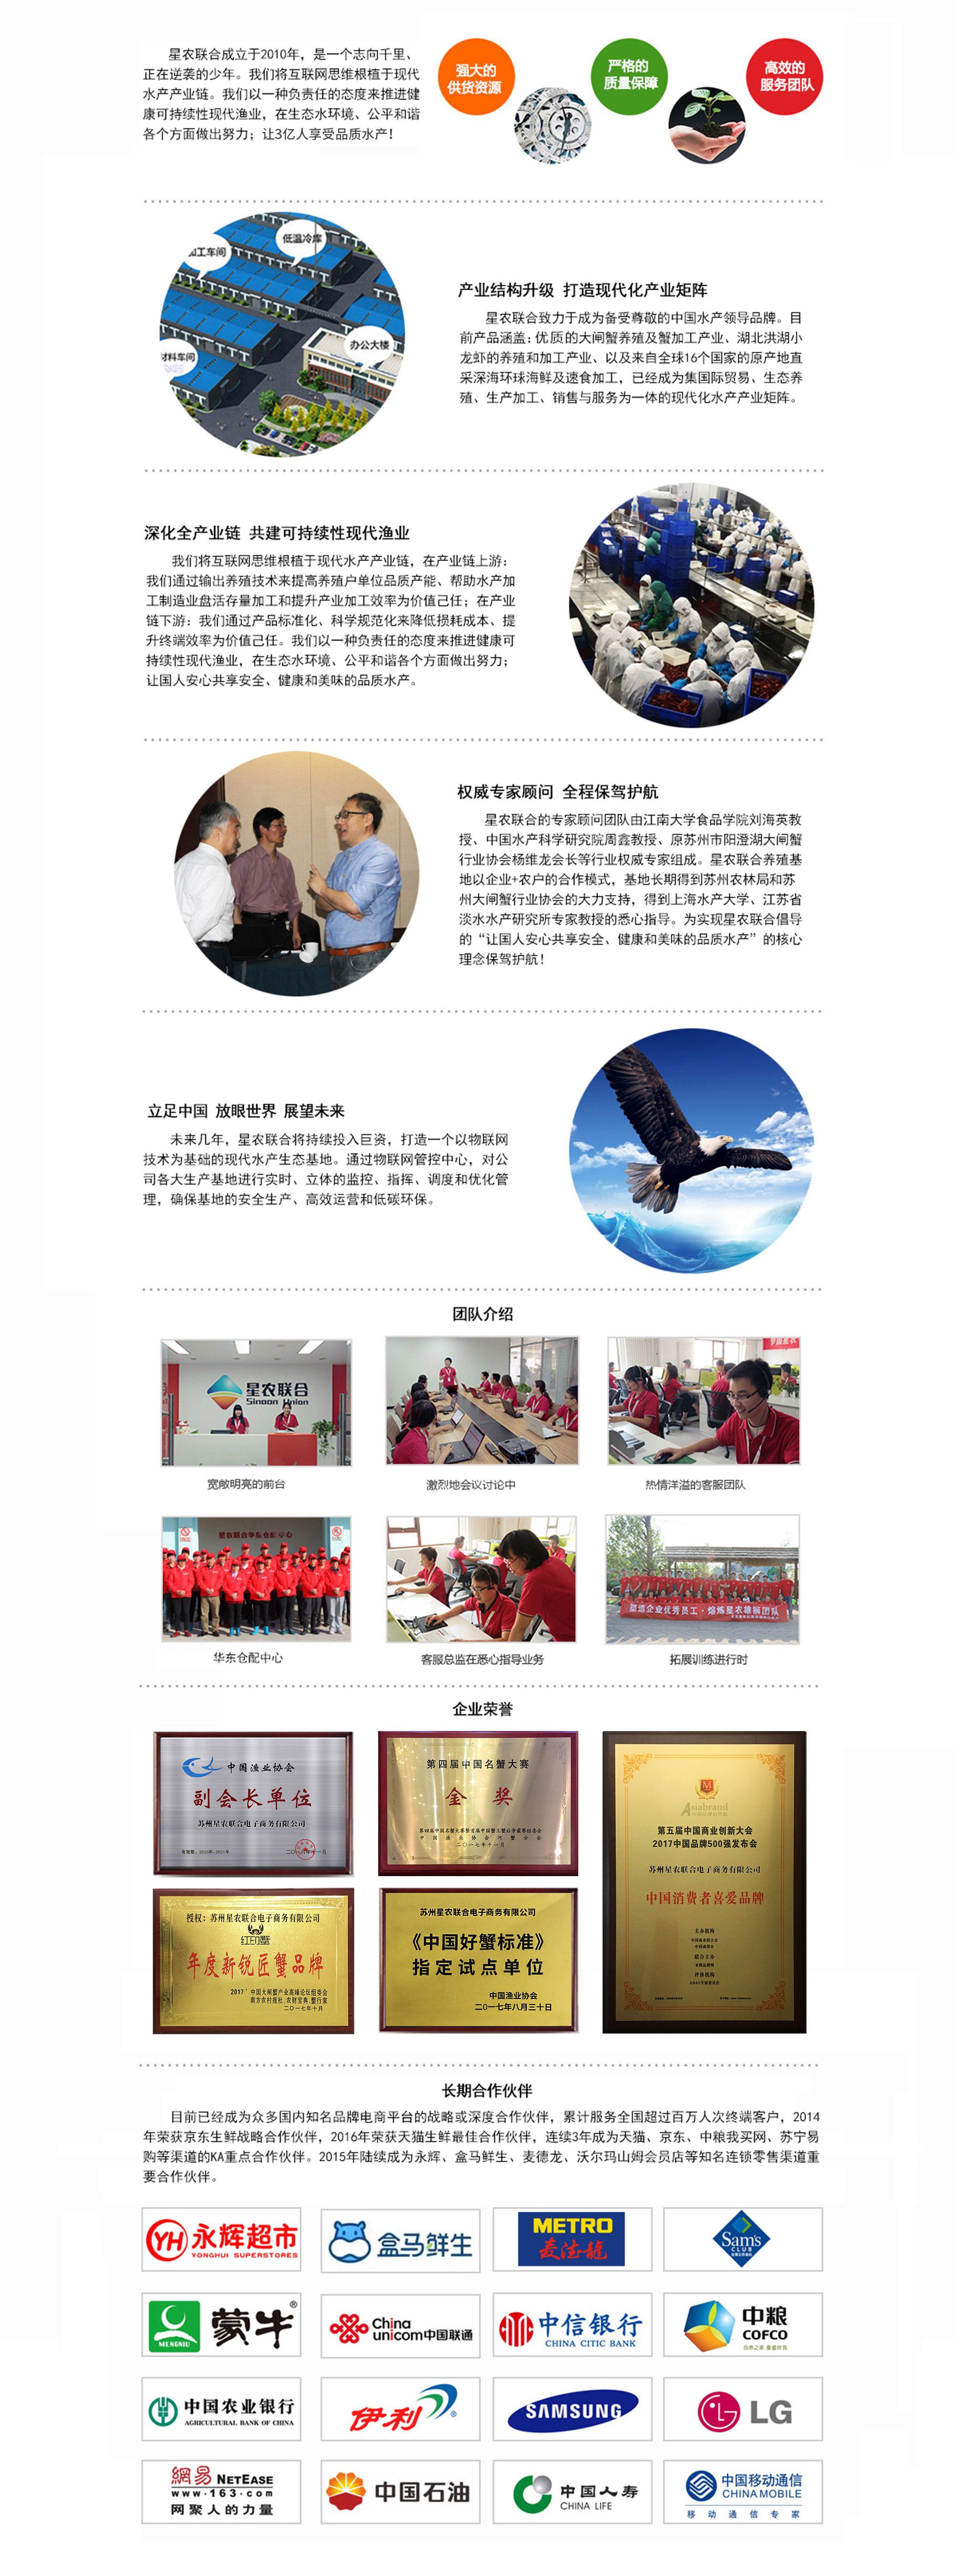 竞博亚洲大师赛dota2联合企业概况2020.jpg